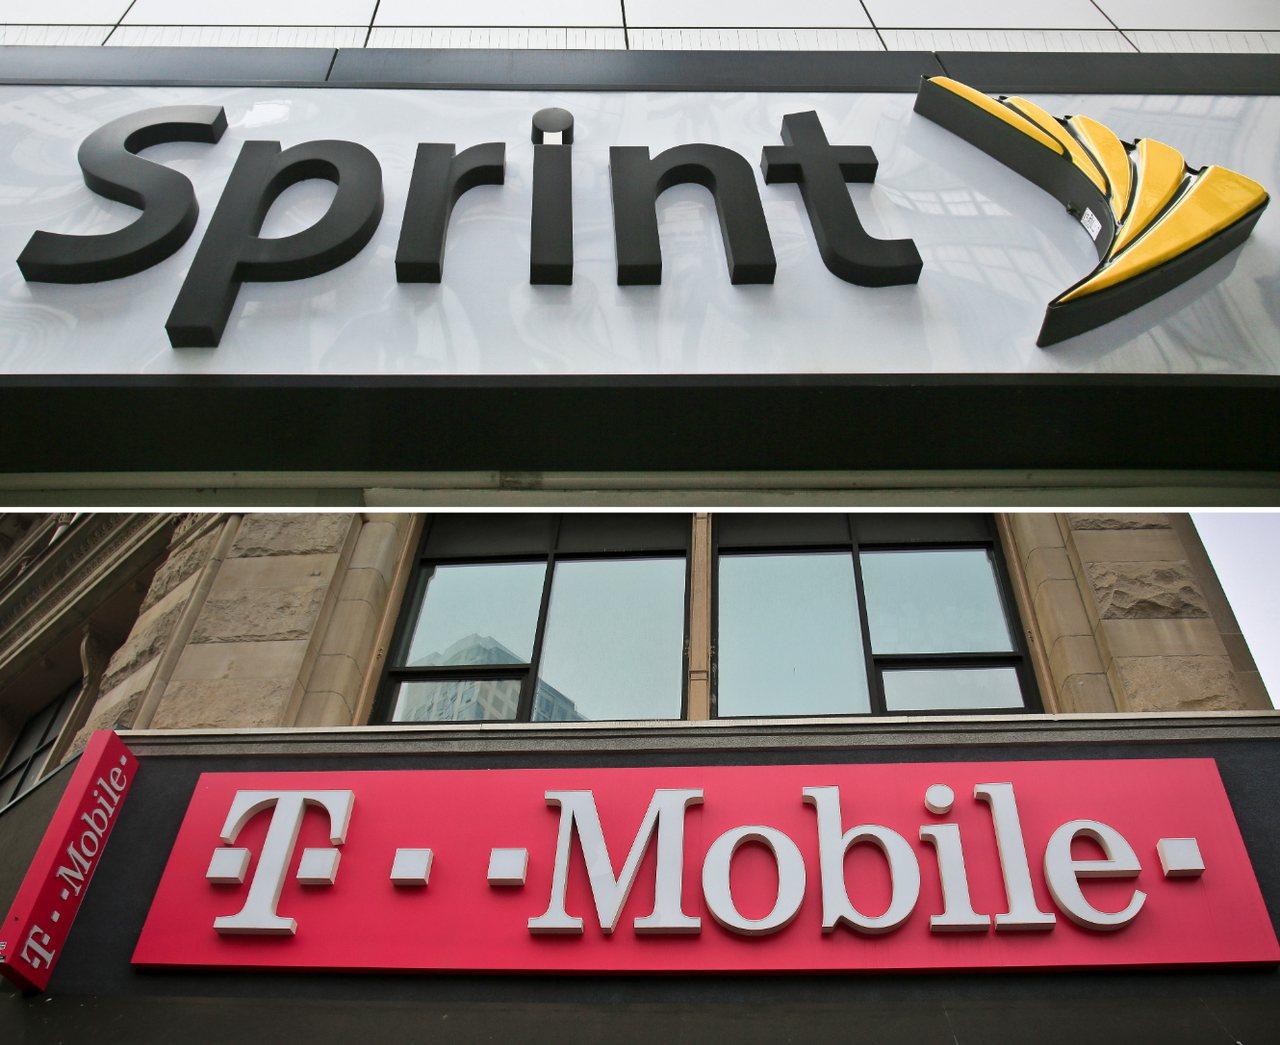 全美第3、第4大的無線通訊公司T-Mobile和史普陵特(Sprint)協議合併...